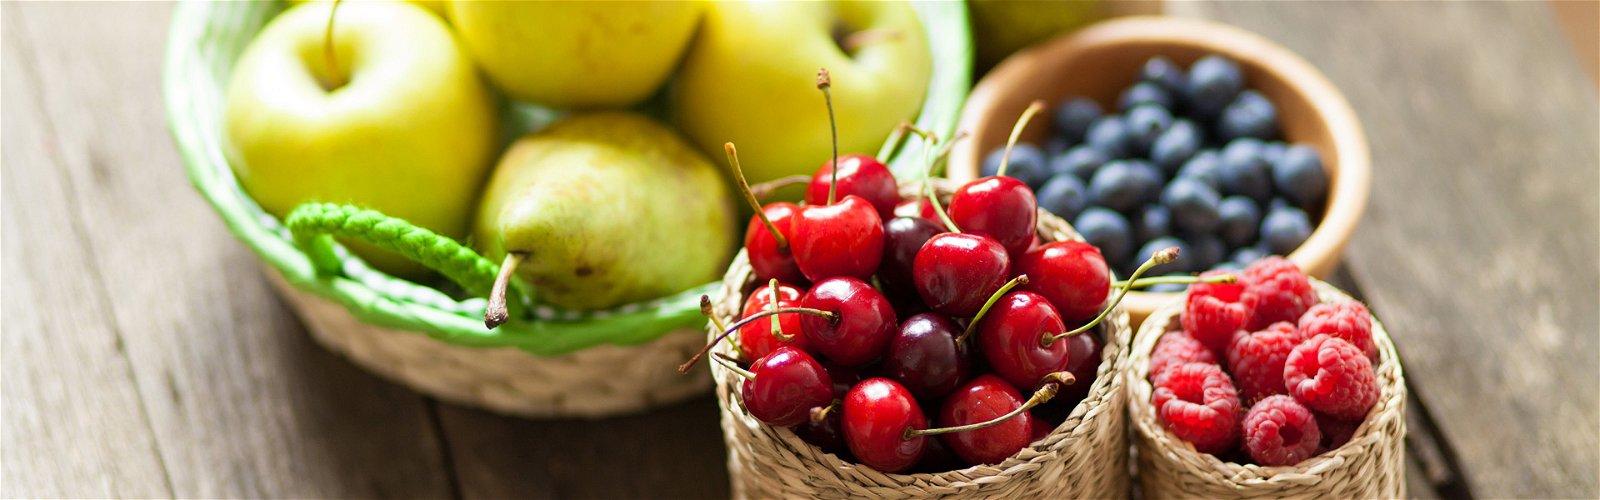 Dansk frugt i små kurve